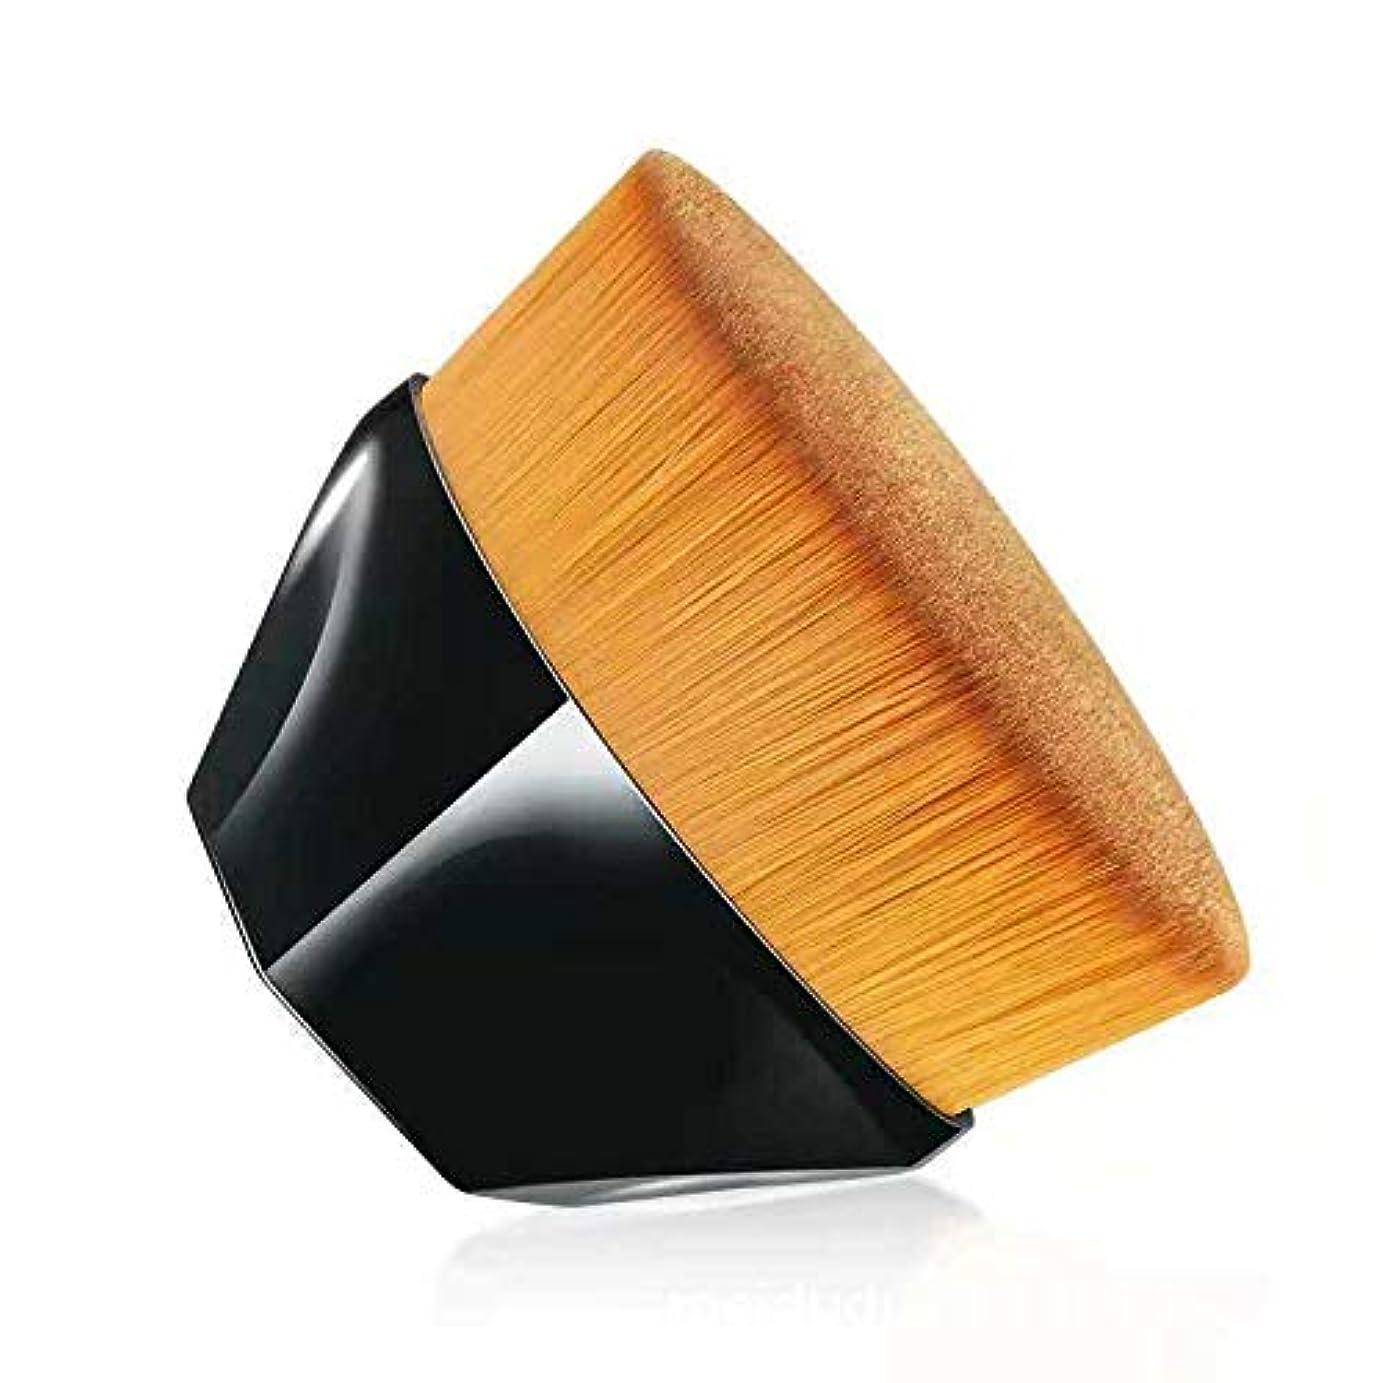 他の日観客リール柔らかい高級繊維毛化粧ブラシ 携帯便利メイクアップブラシ?肌にやさしいファンデーションブラシ?化粧筆 (ブラック)